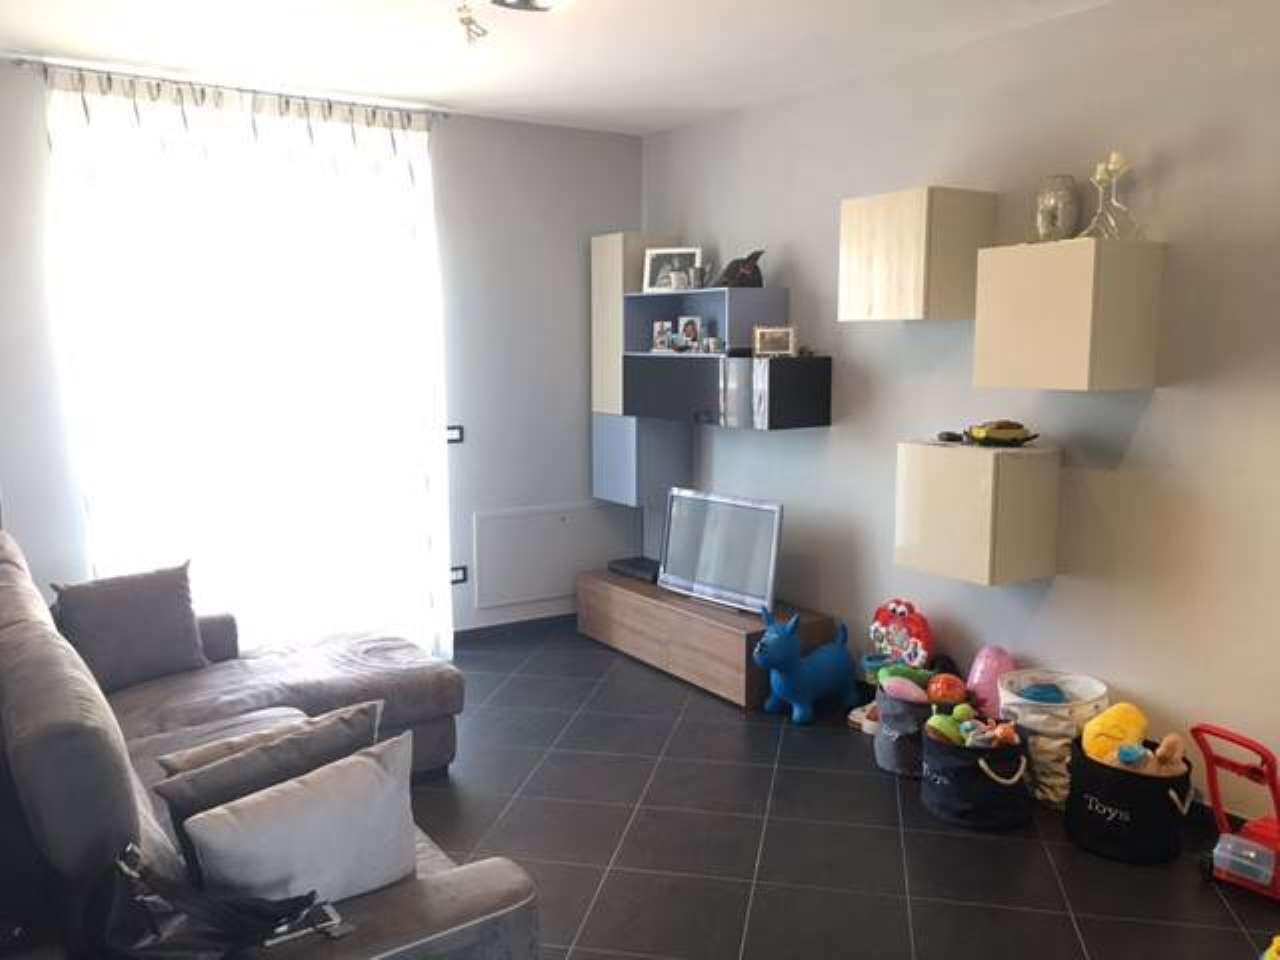 Appartamento in vendita a Alessandria, 3 locali, prezzo € 179.000 | CambioCasa.it